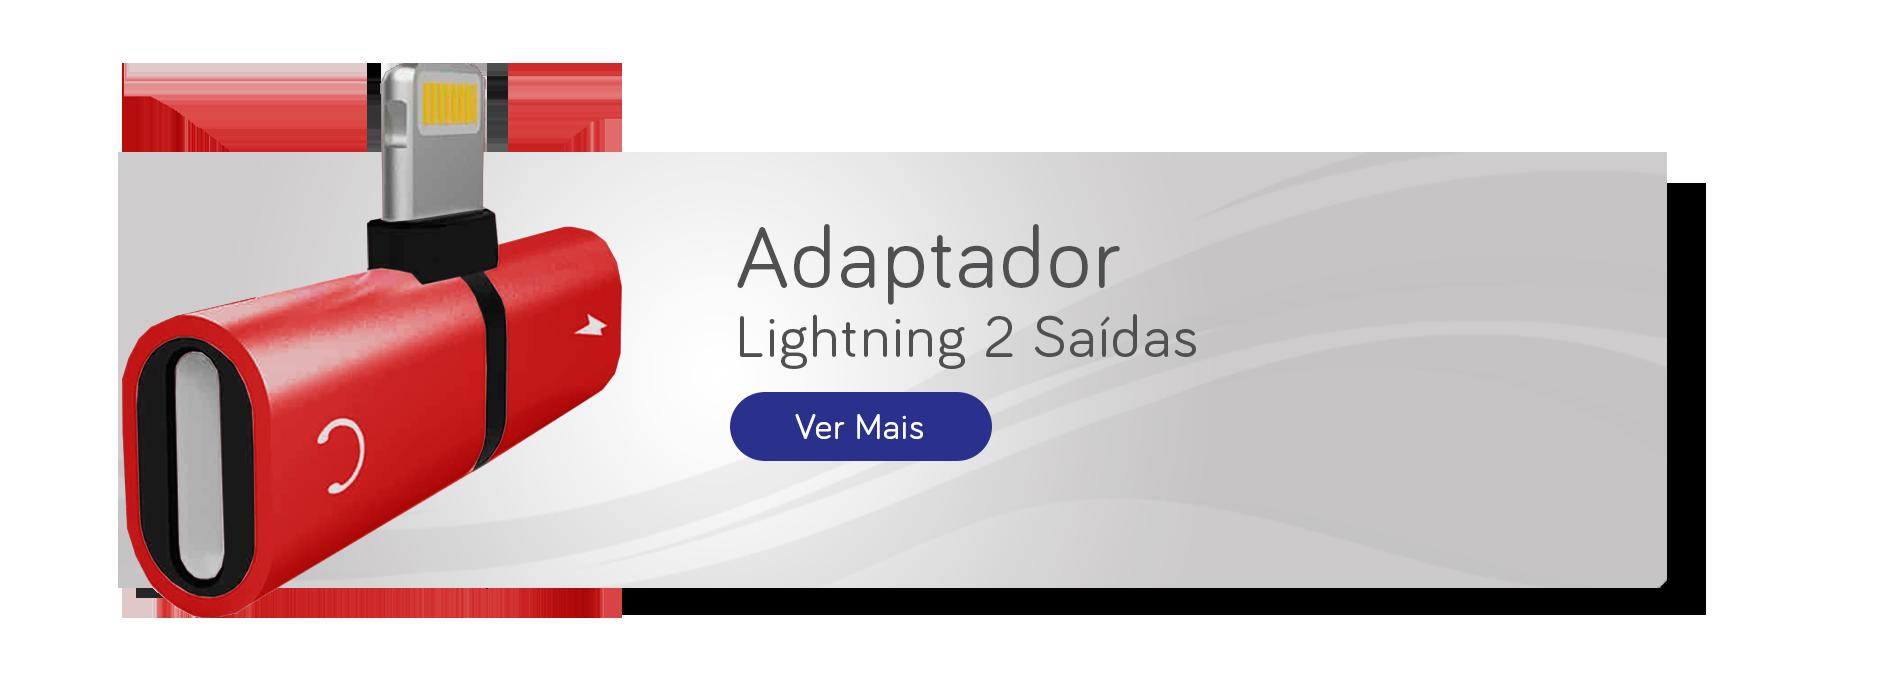 m-banner-adaptador-ios-2-saidas